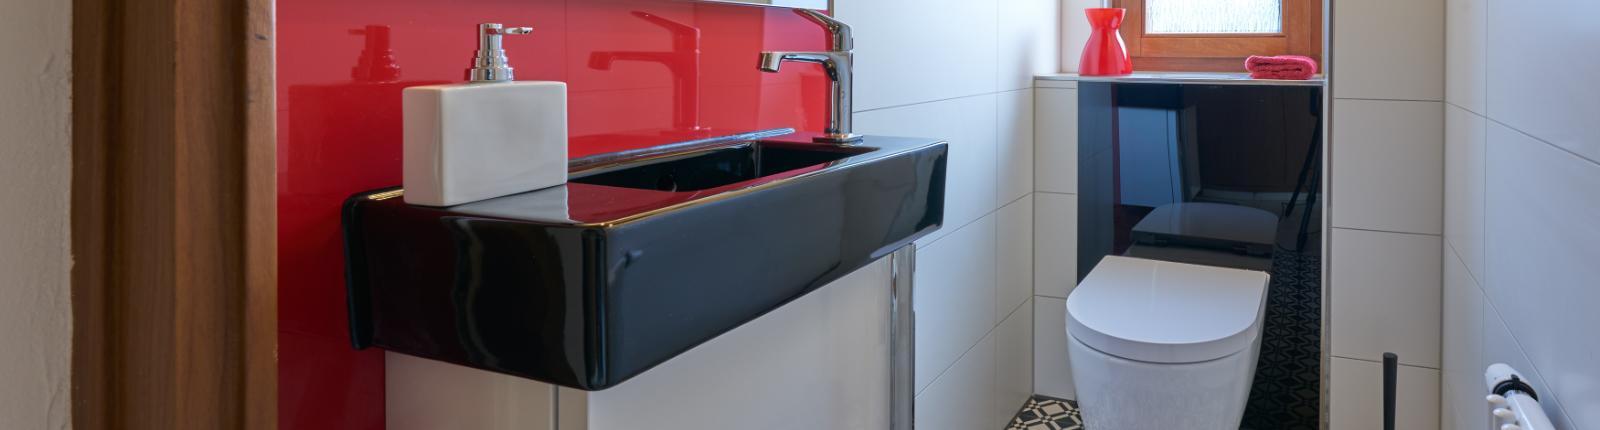 Gäste-WC Schwarz-Weiß   Mundle   Sindelfingen   Böblingen bei ...